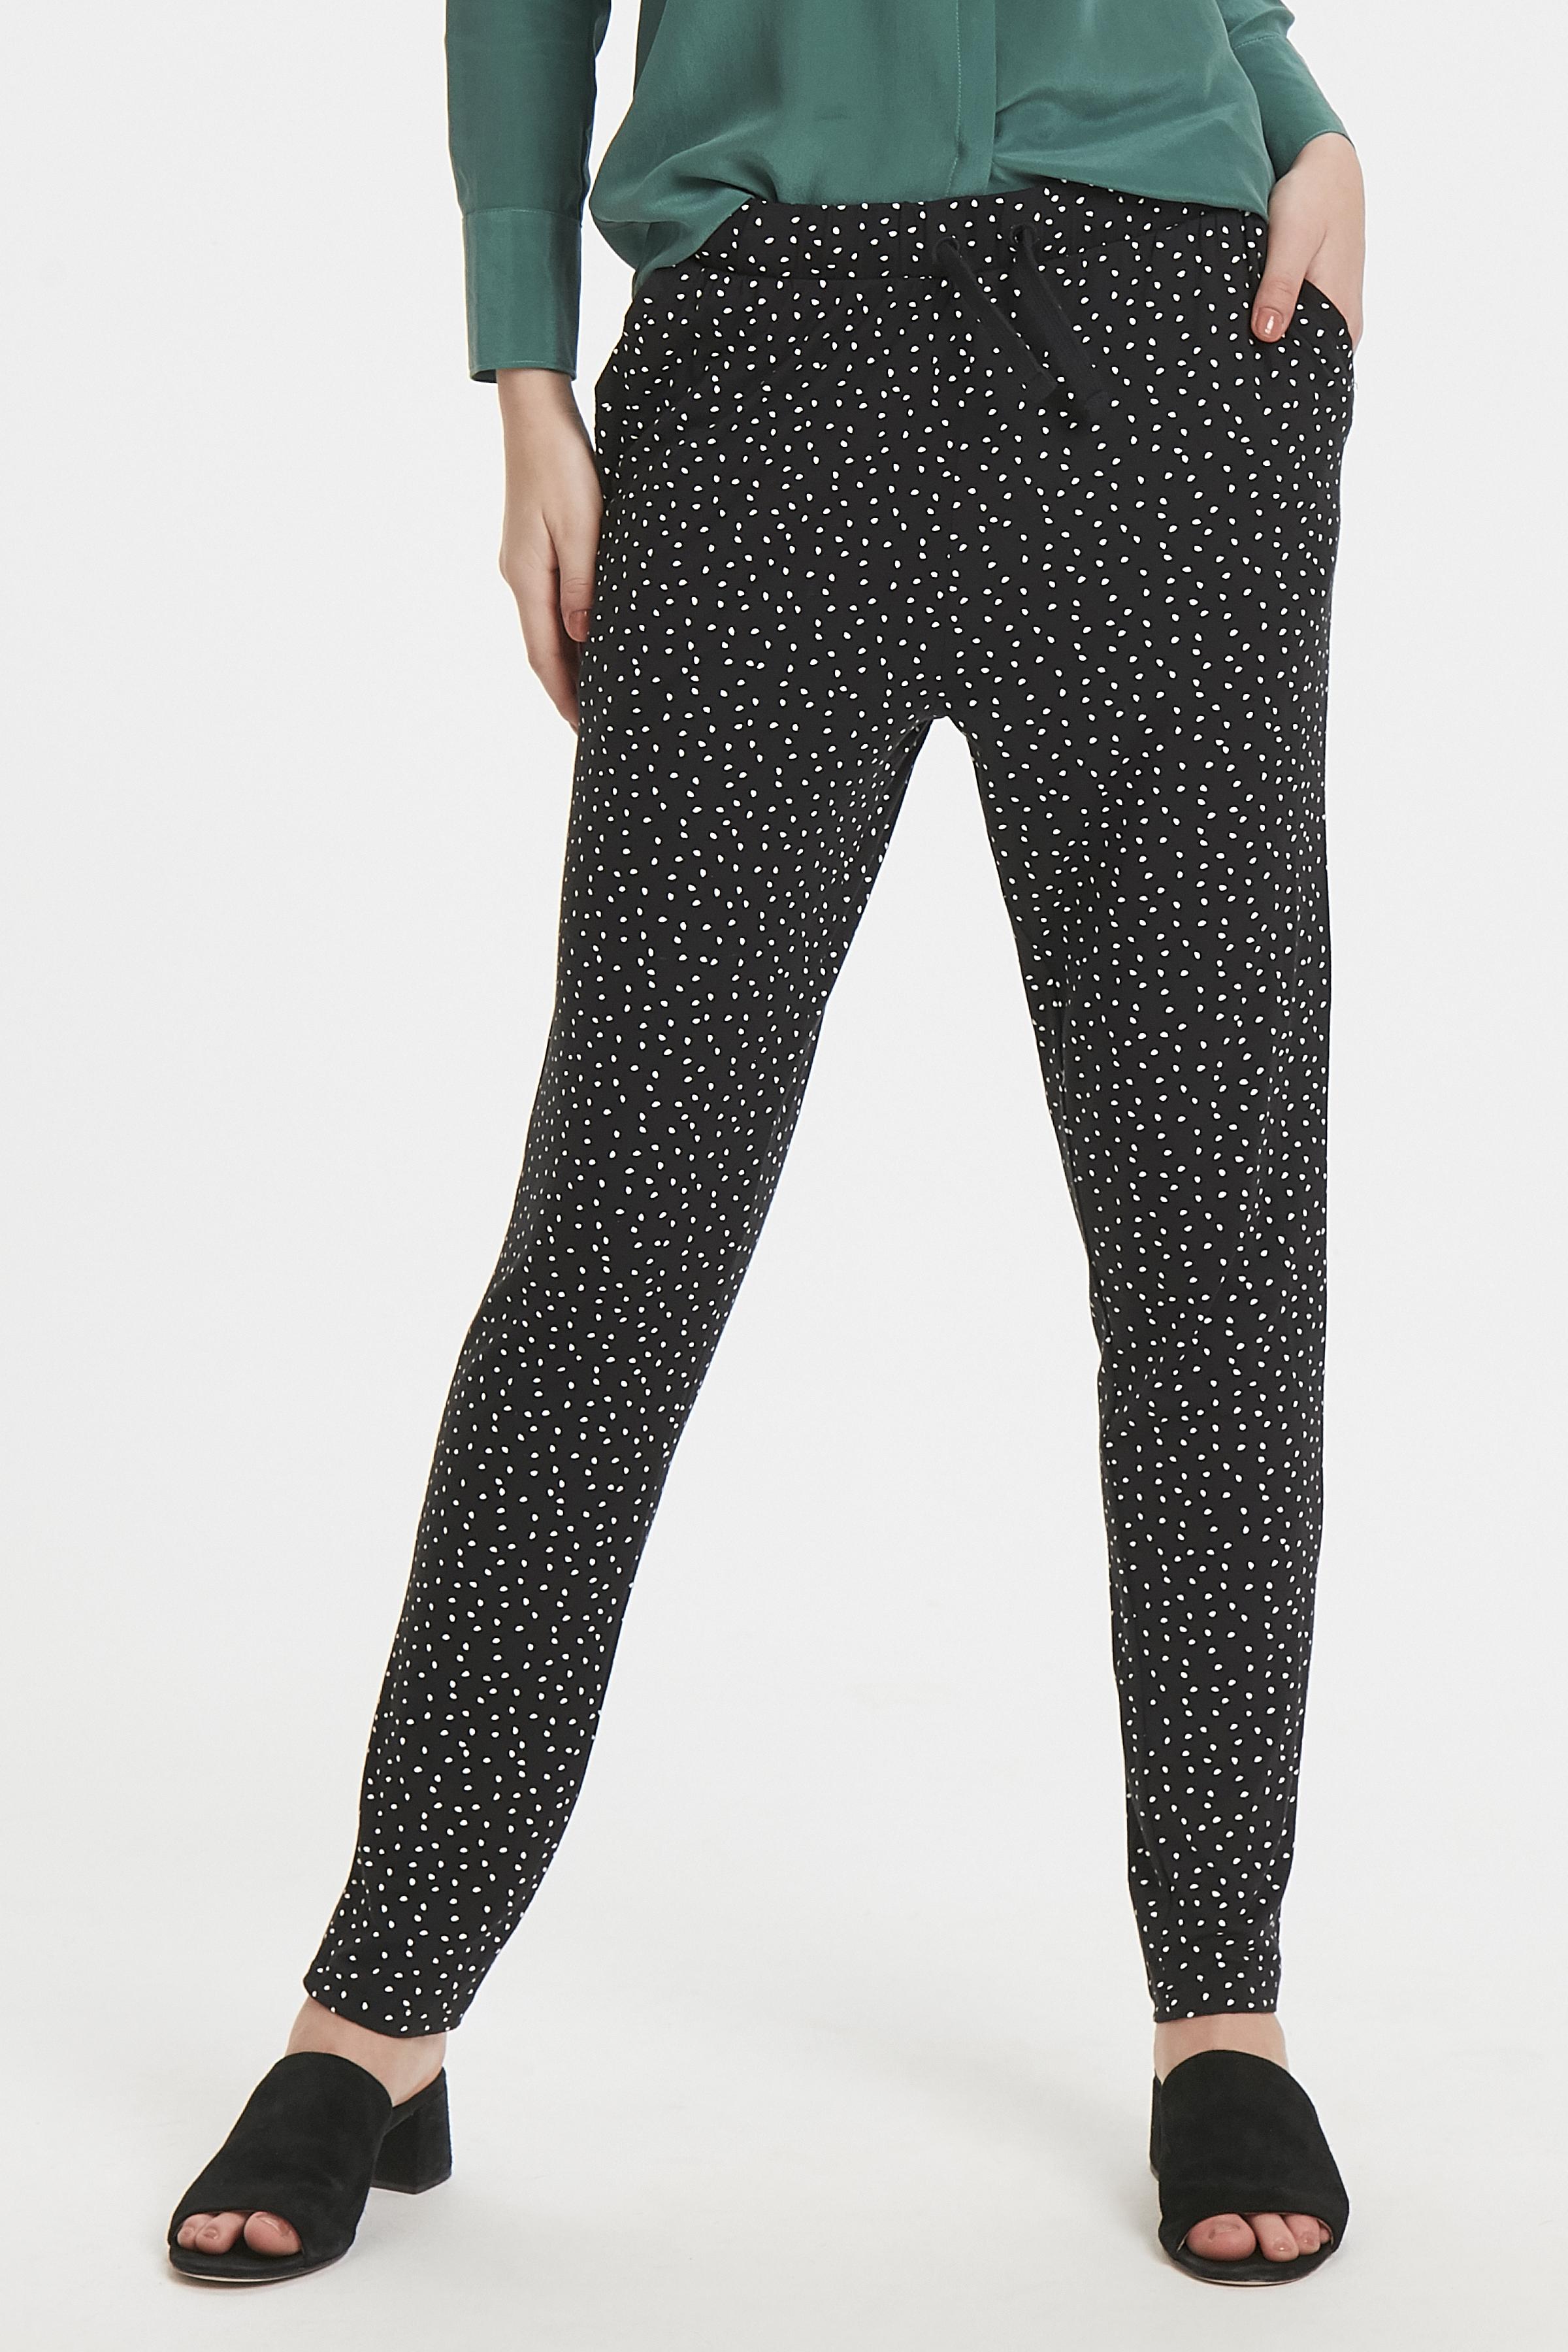 Black Printed Pants Casual – Køb Black Printed Pants Casual fra str. XS-XL her